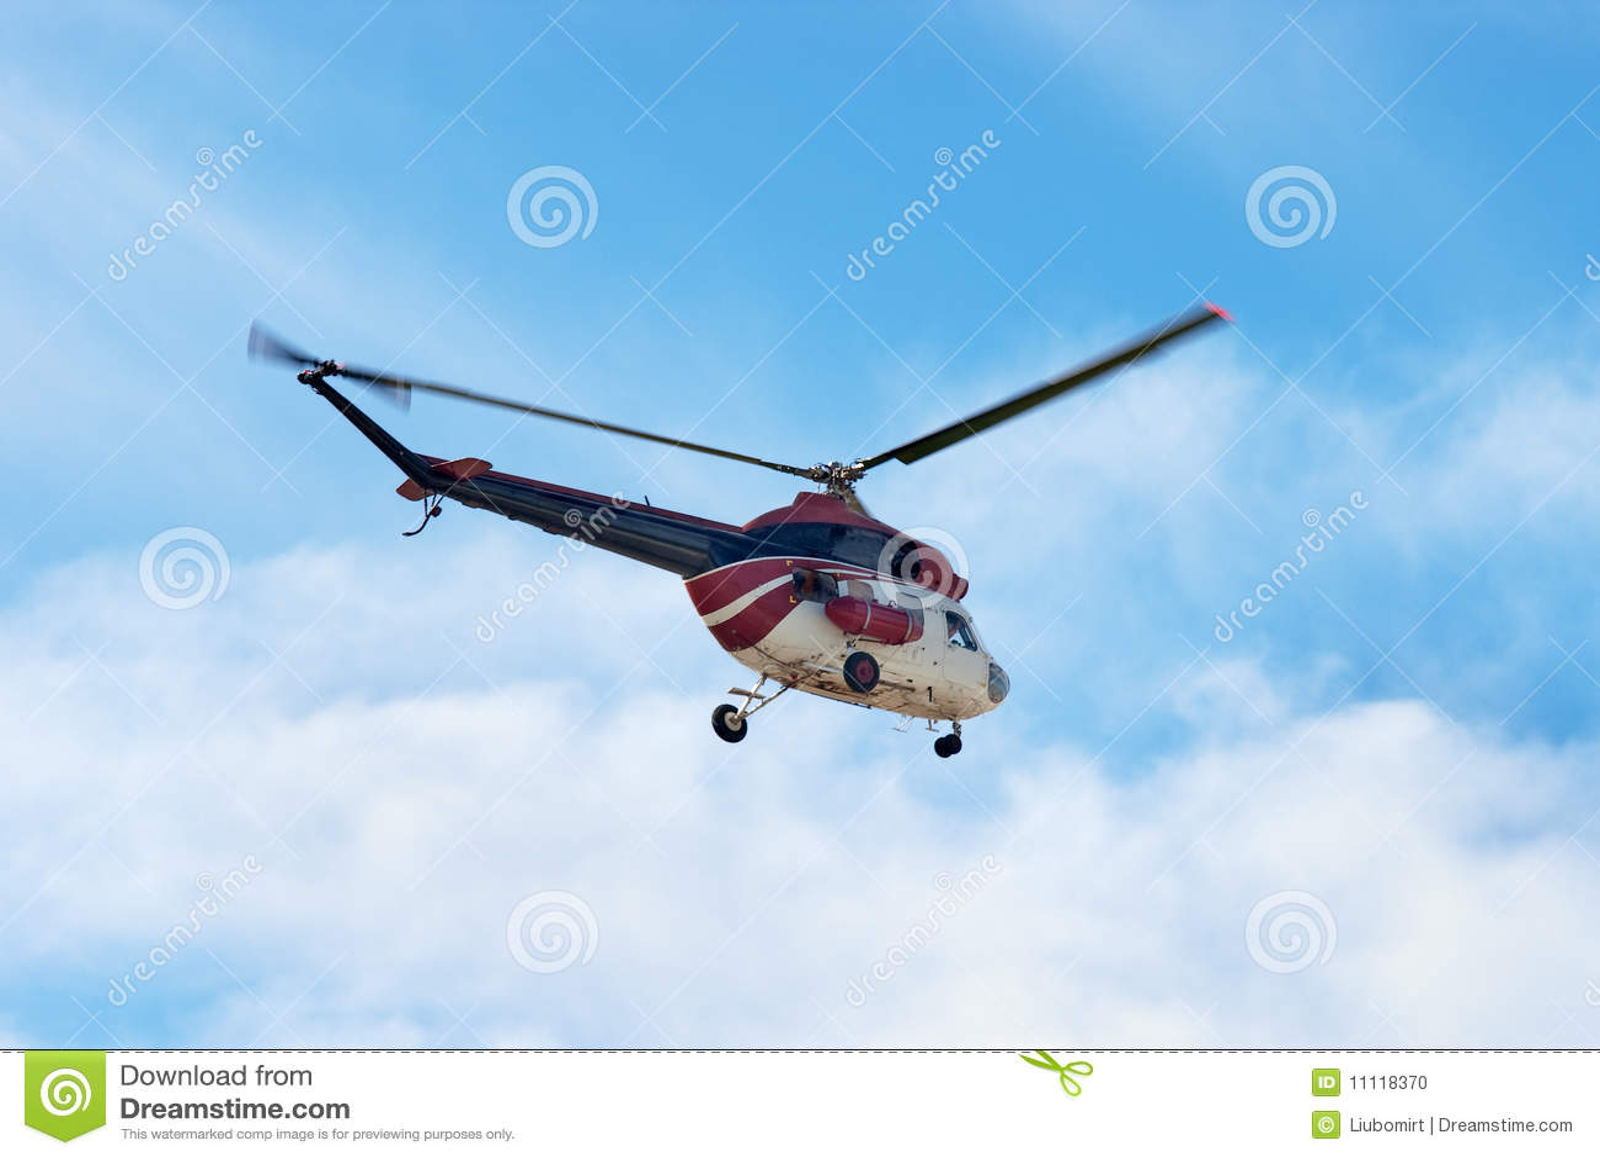 Elicottero Russo : Elicottero russo mi fotografia stock immagine di corsa